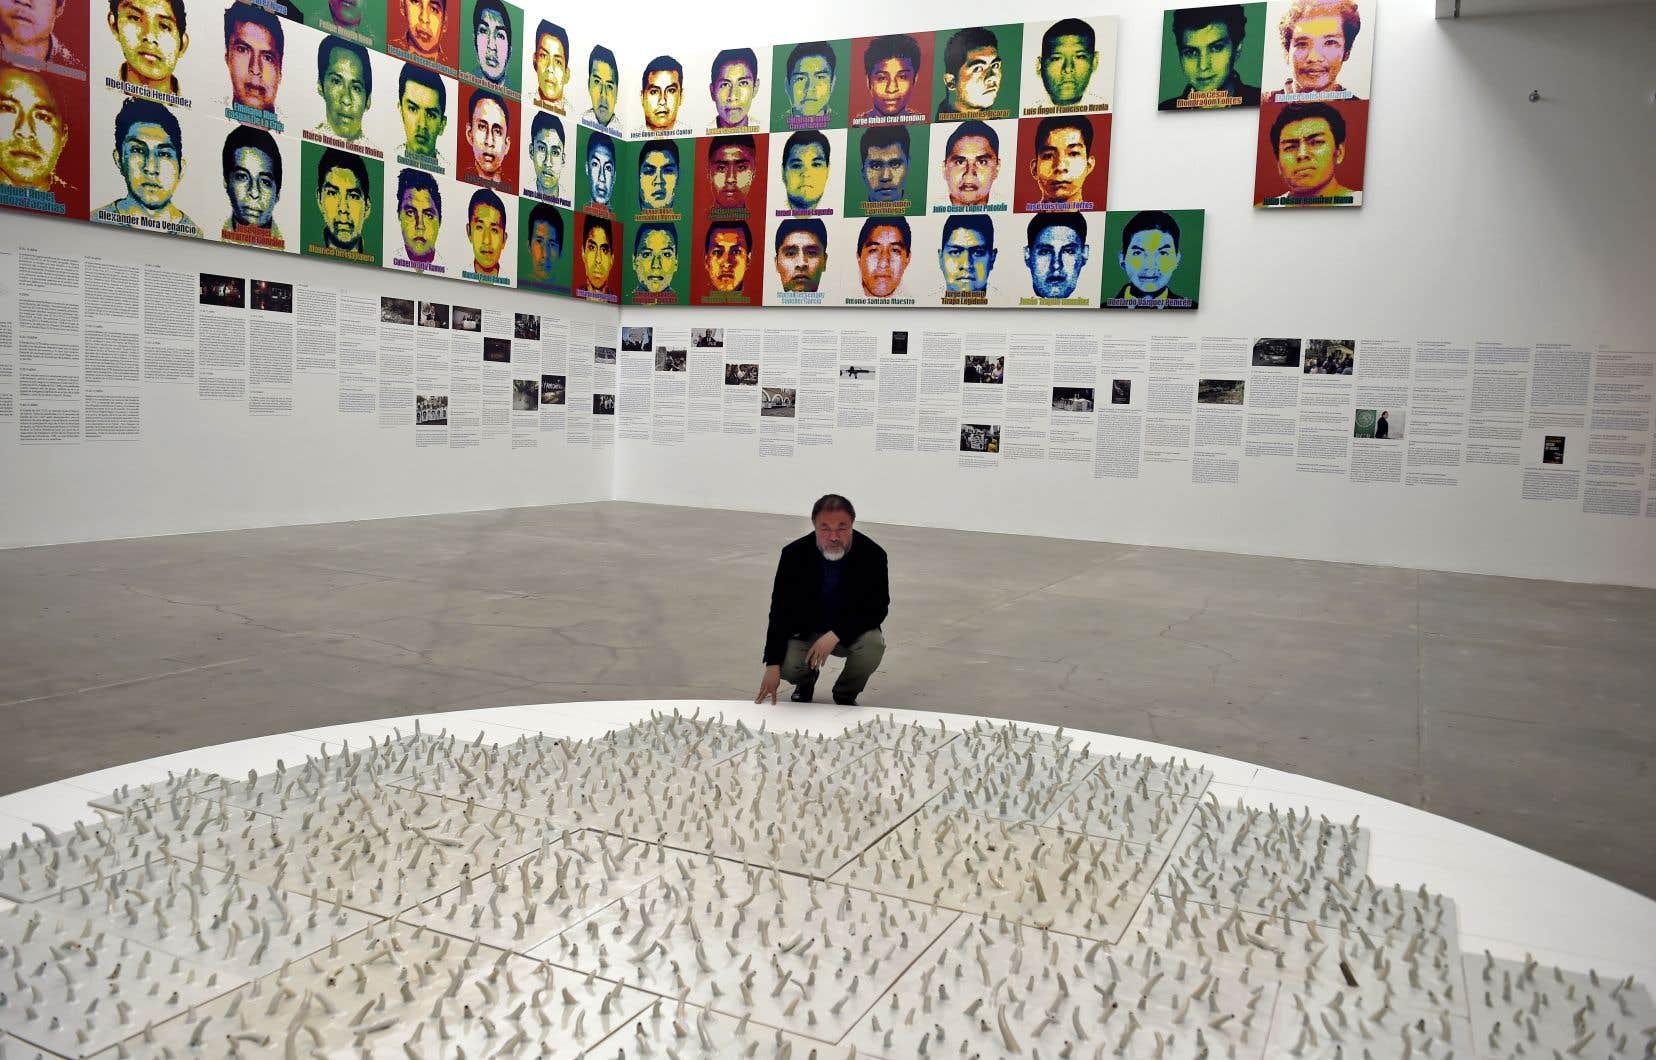 Ai Weiwei a présenté son exposition «Restablecer memorias» en avril dernier, au Museo universitario de arte contemporáneo à Mexico.